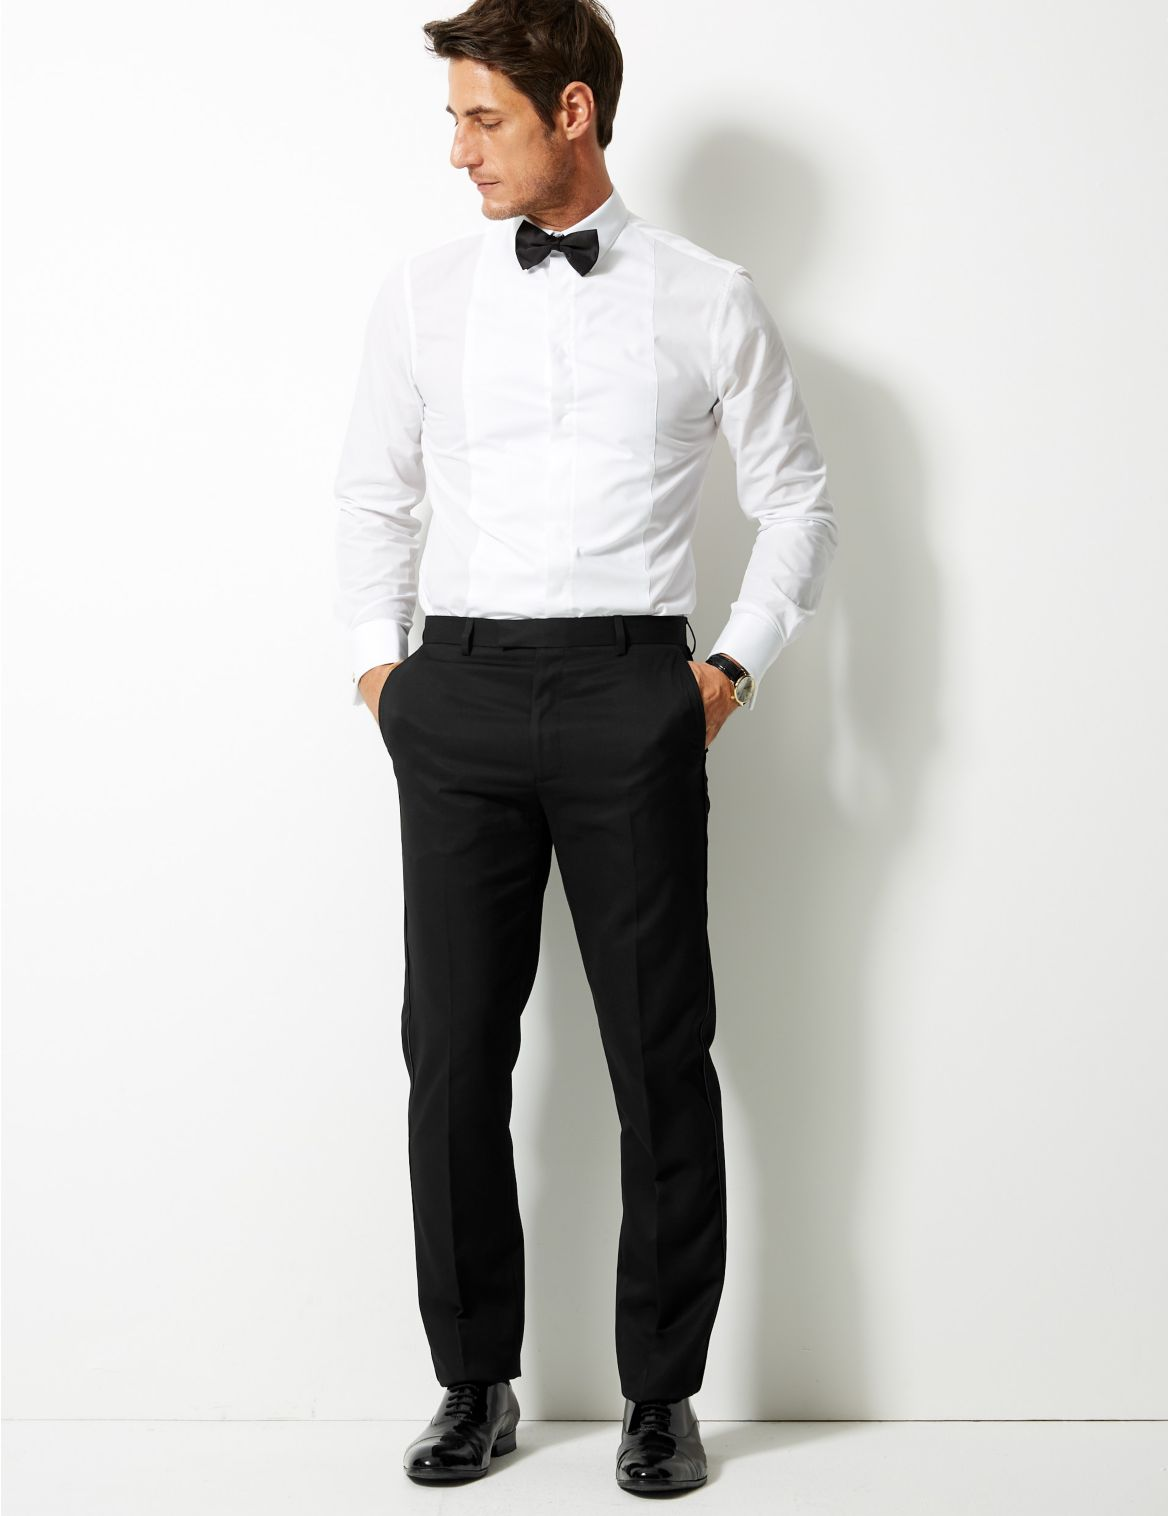 Pantalon noir coupe ajustĂŠe